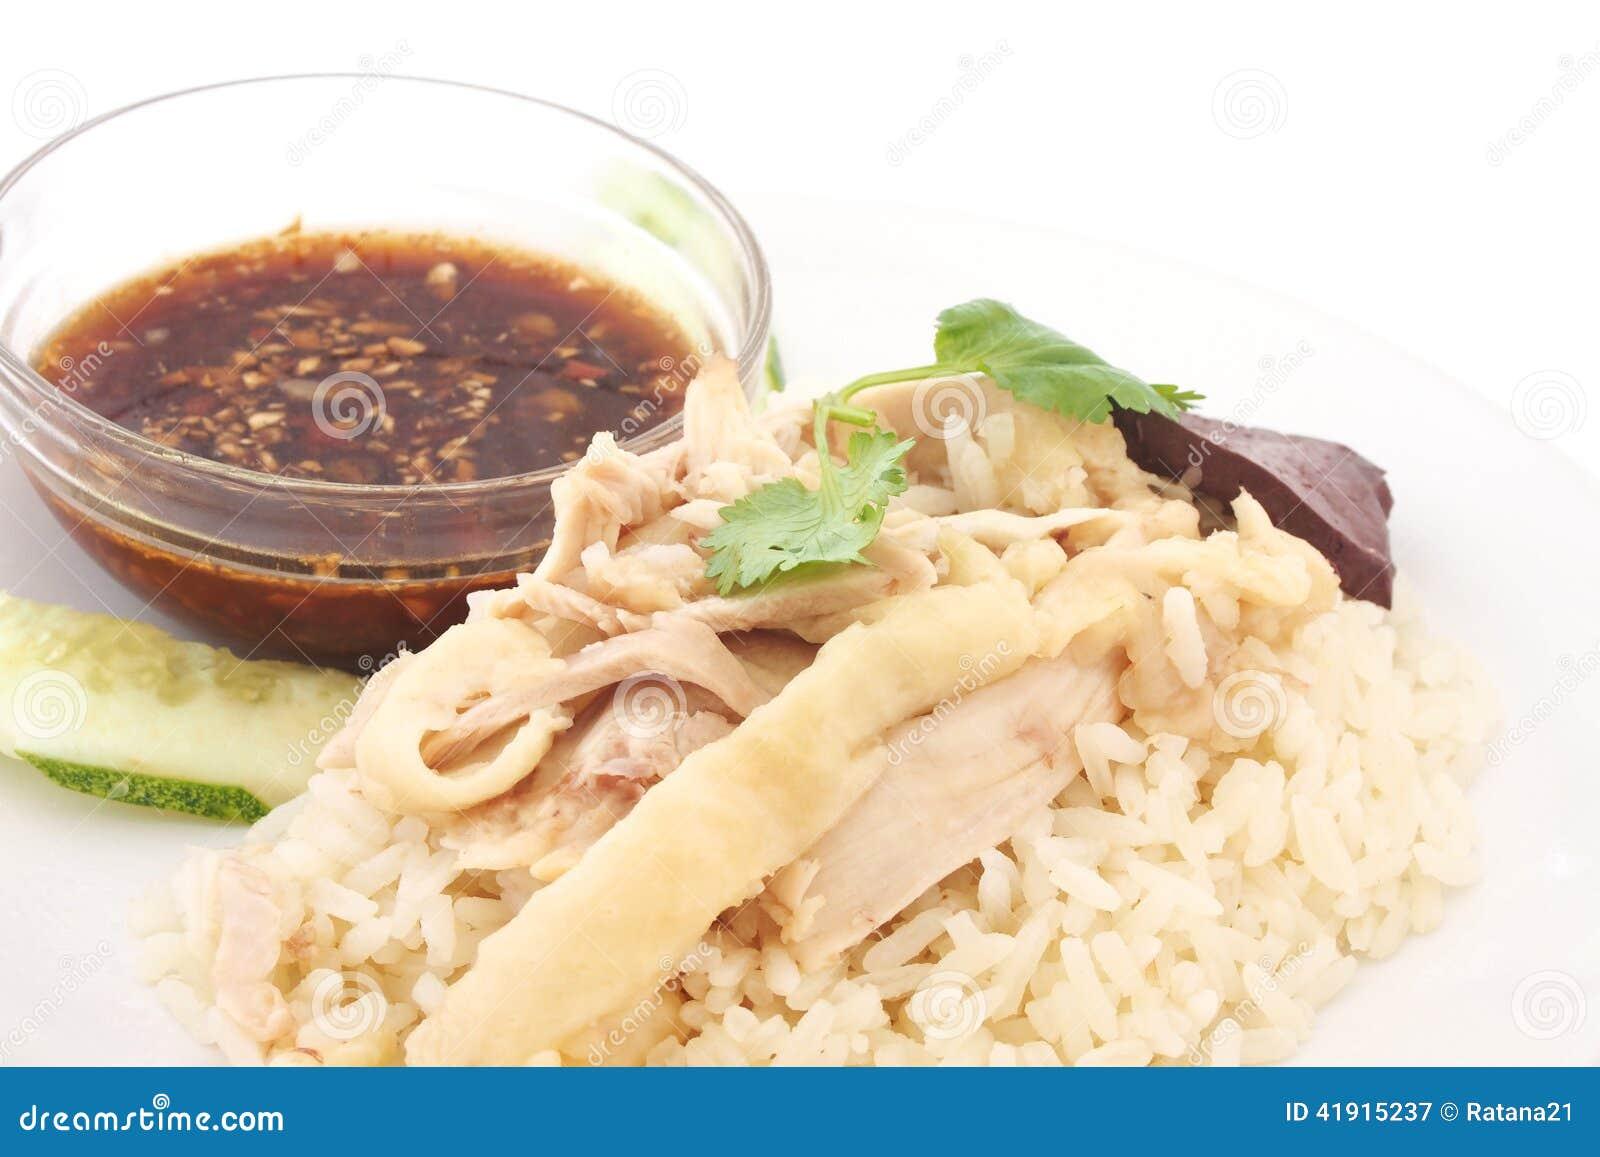 Pollo cortado del Hainan-estilo con arroz adobado